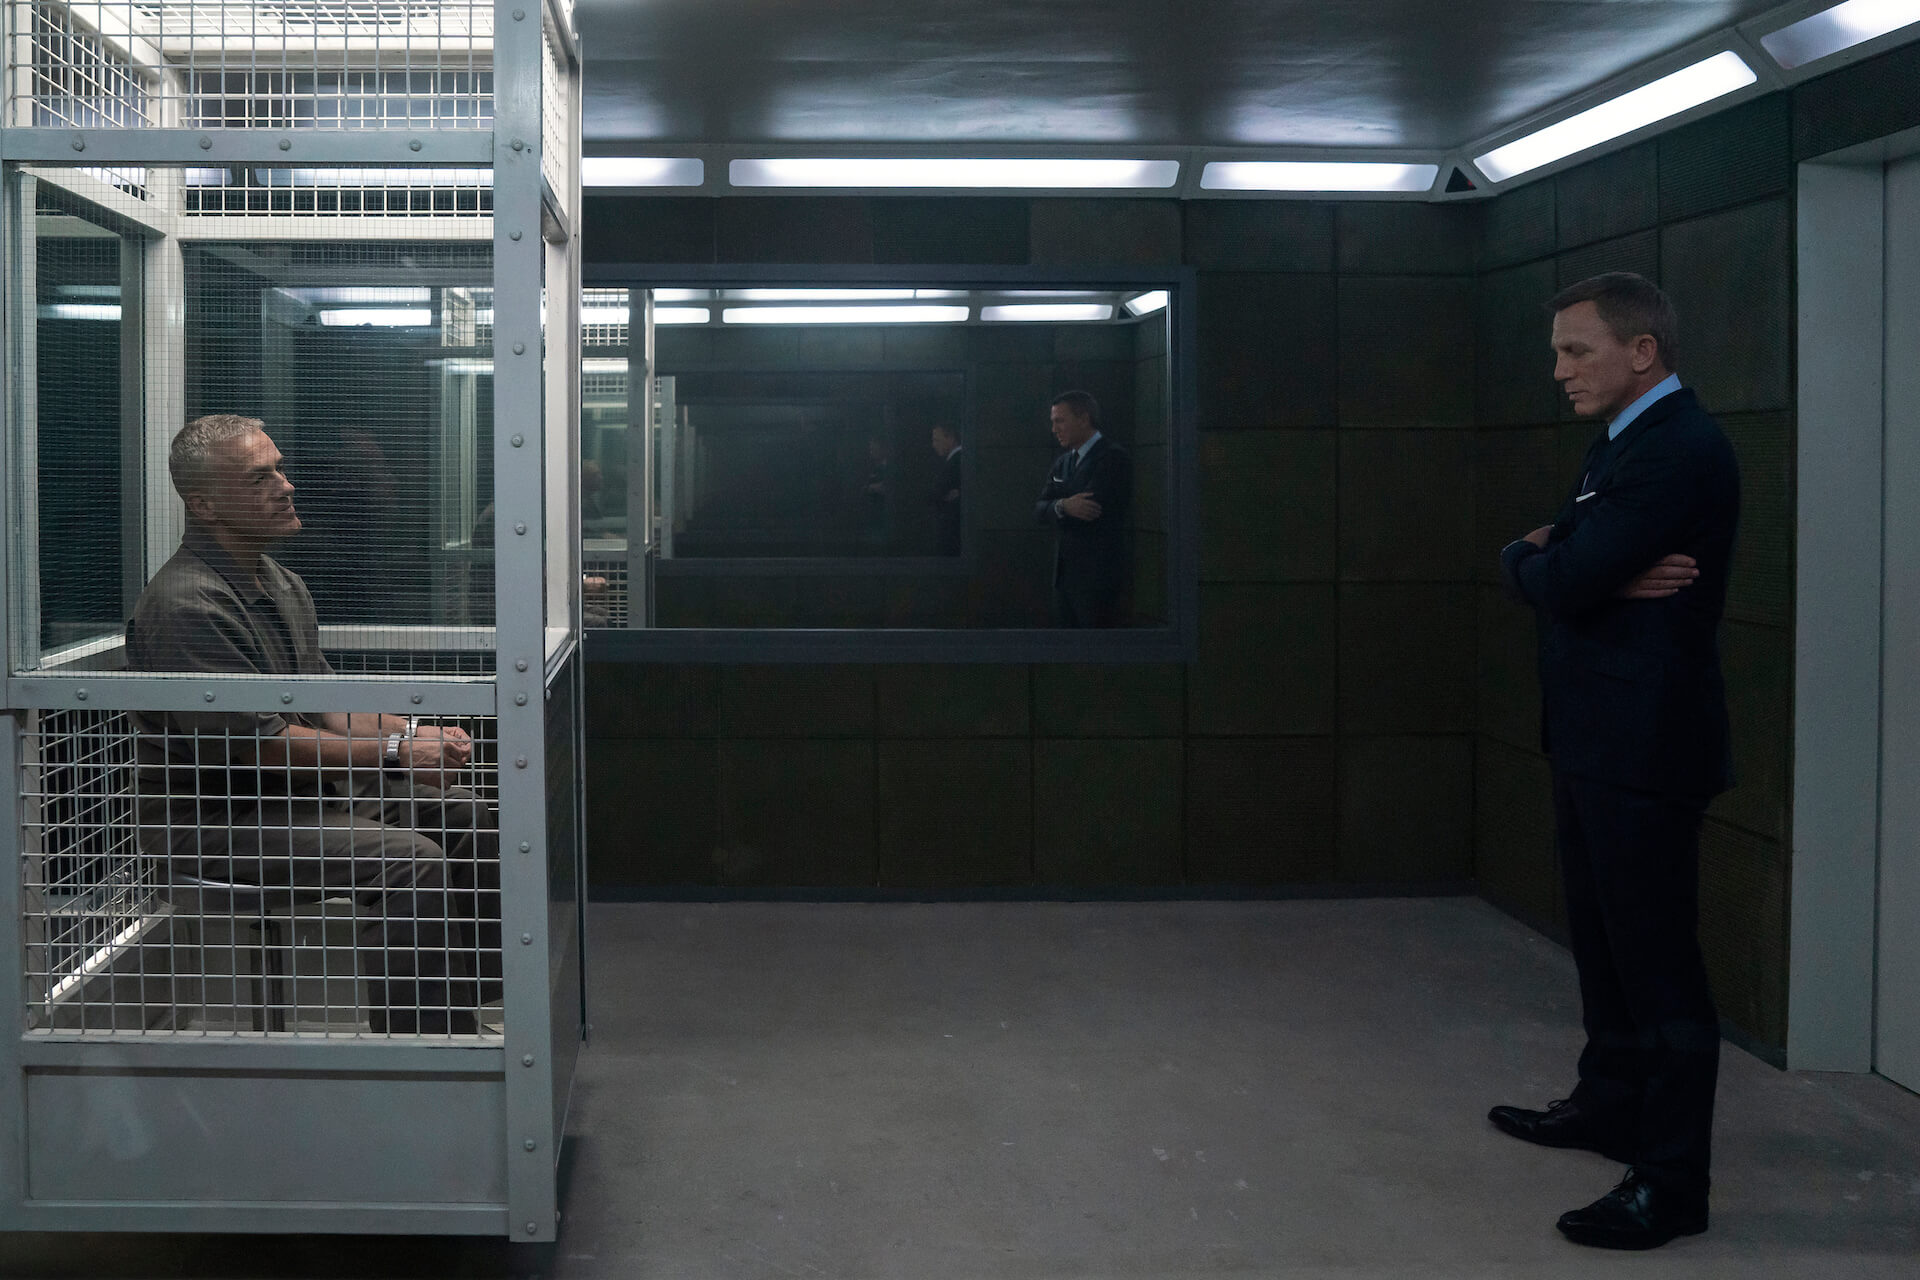 ダニエル・クレイグ演じるジェームズ・ボンドの歴史を振り返る!『007/ノー・タイム・トゥ・ダイ』特別映像が解禁 film210915_007_ntd_9